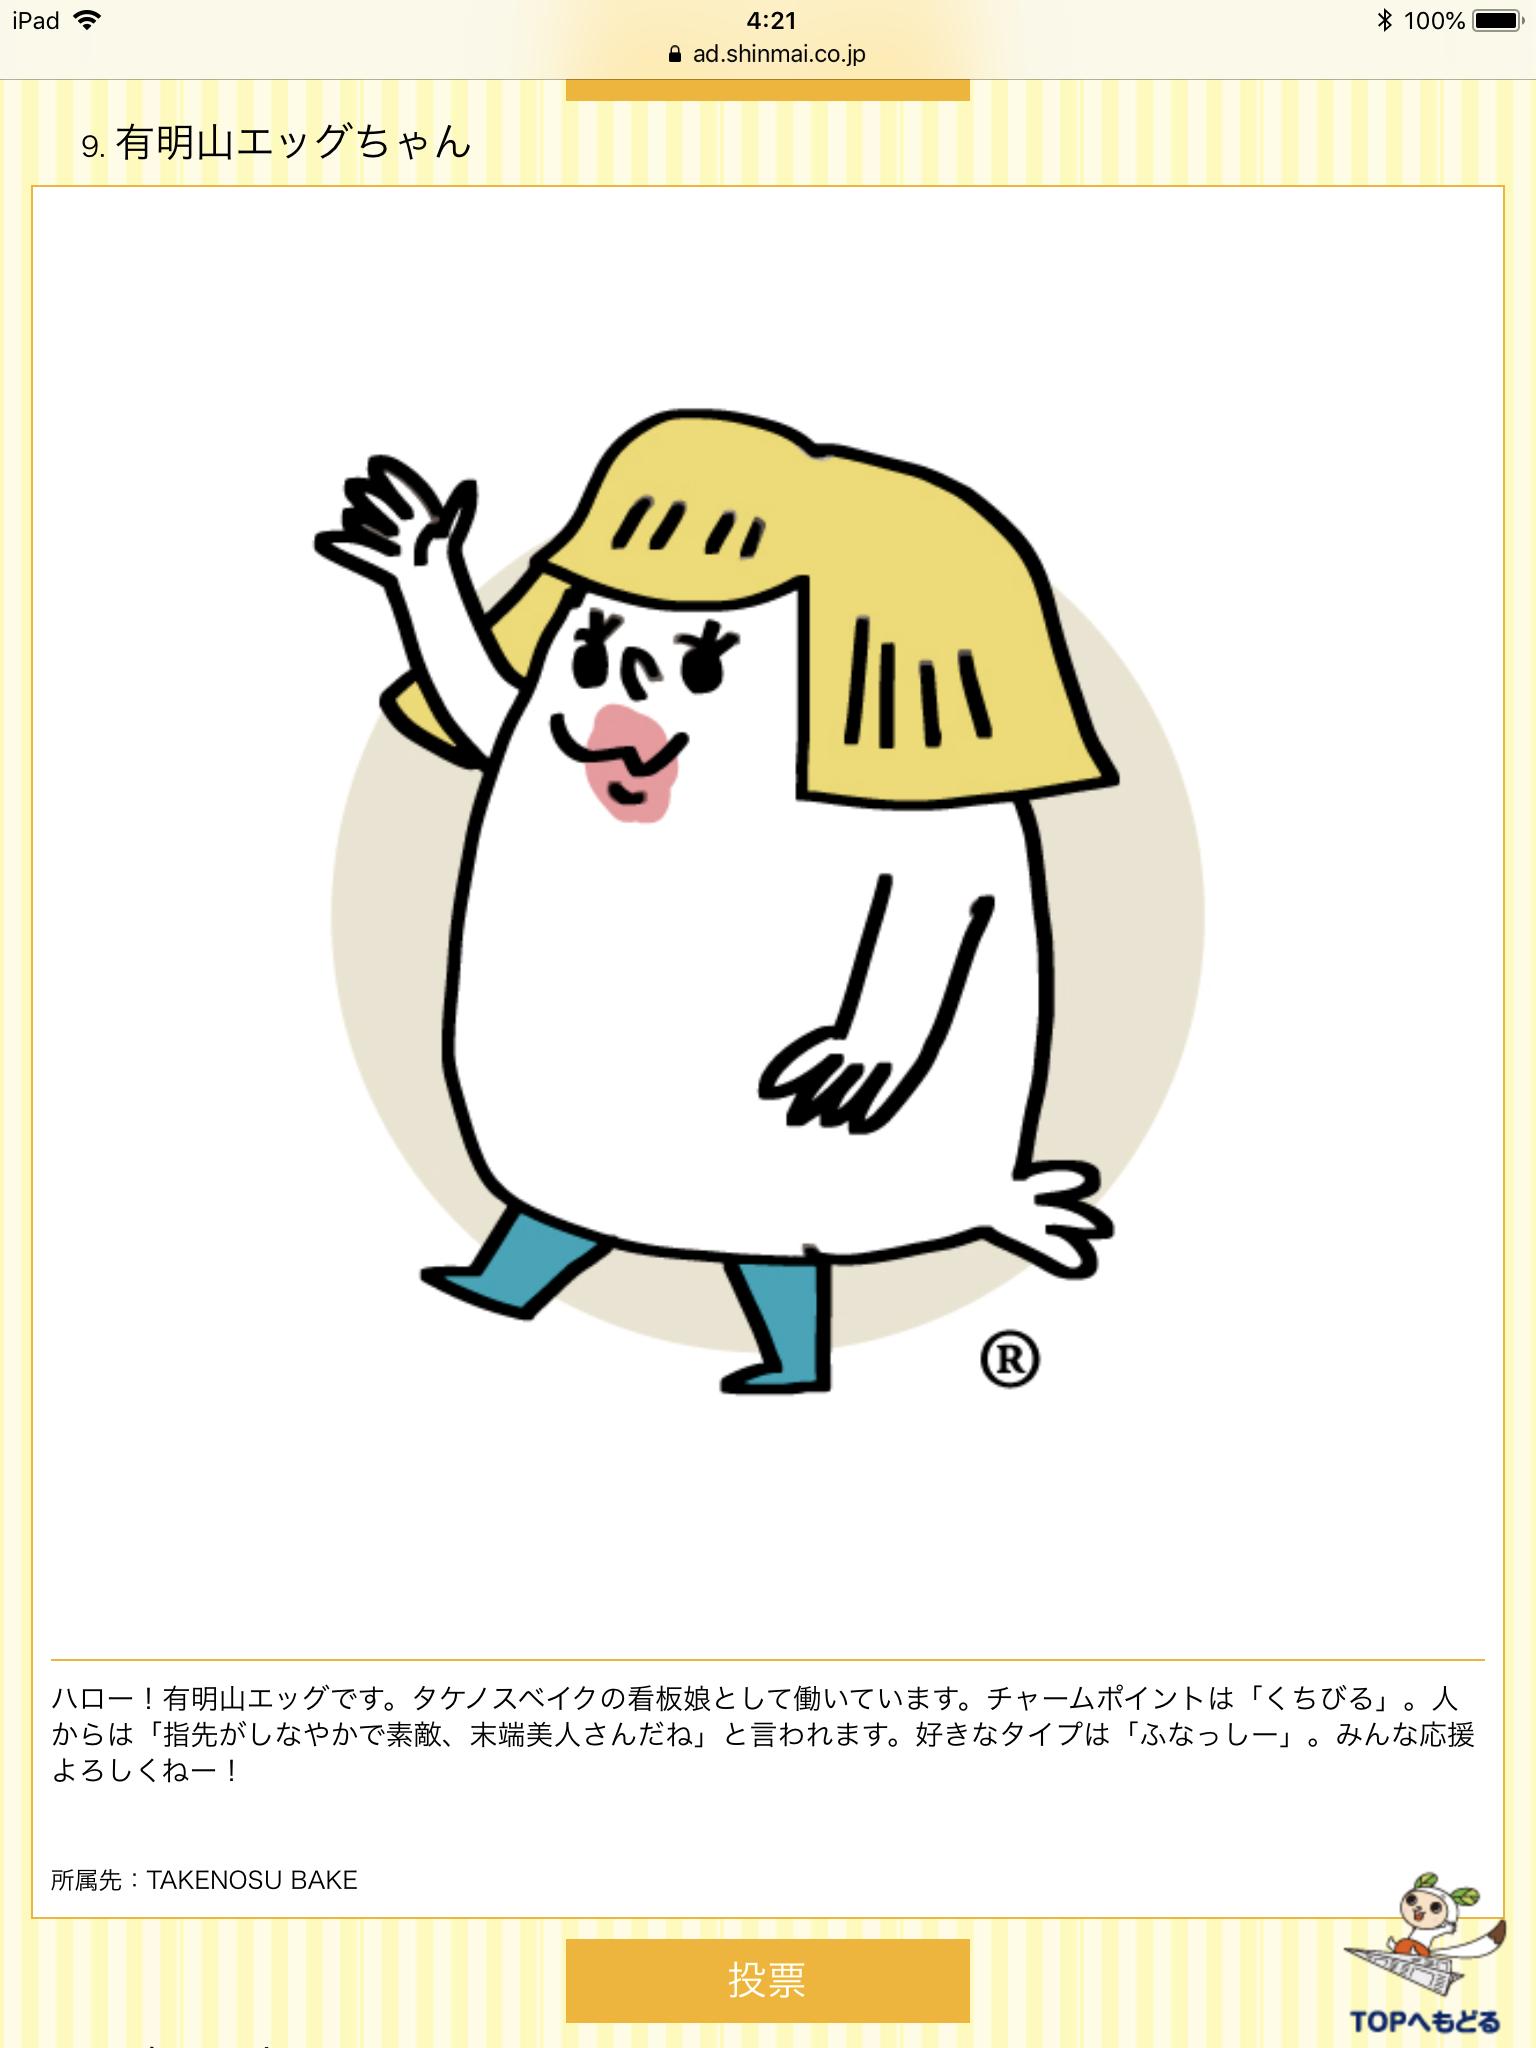 有明山エッグちゃんが信濃毎日新聞に!